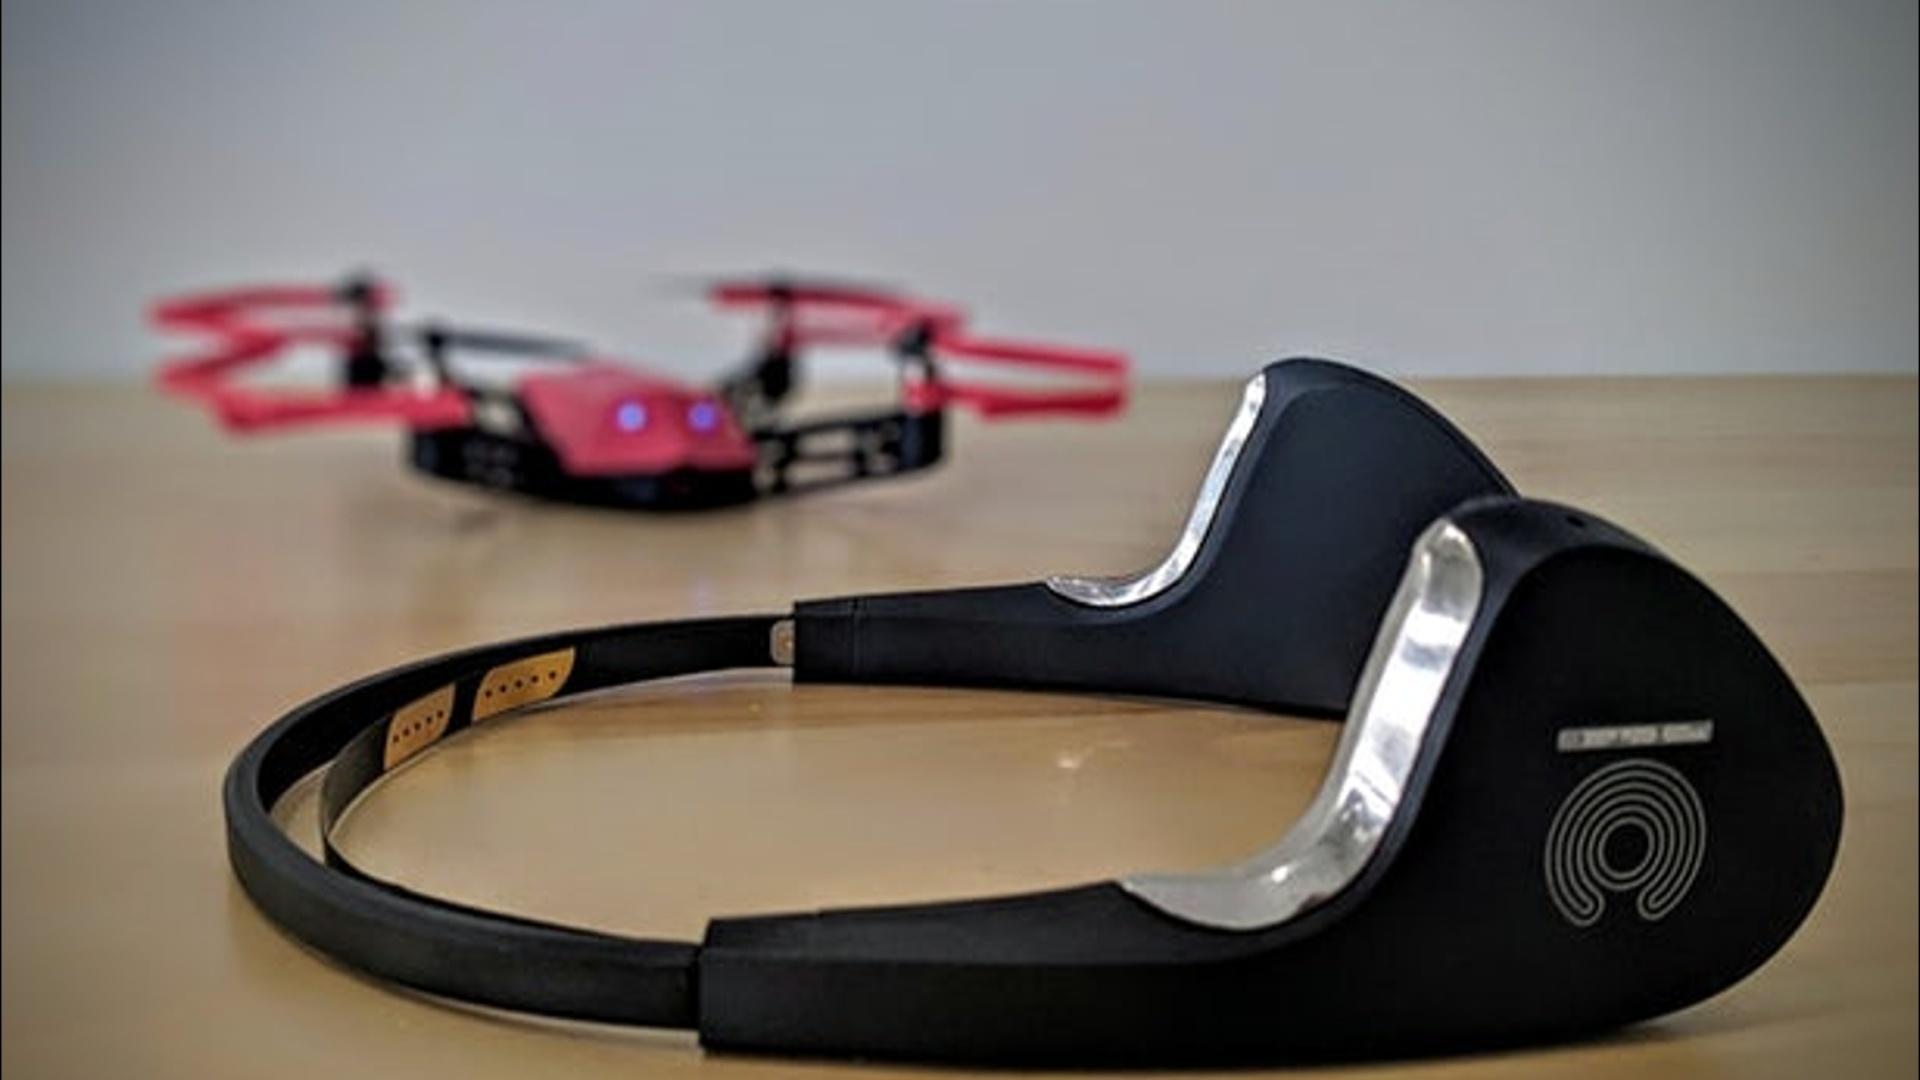 Artıq dron da düşüncənin gücü ilə idarə olunur